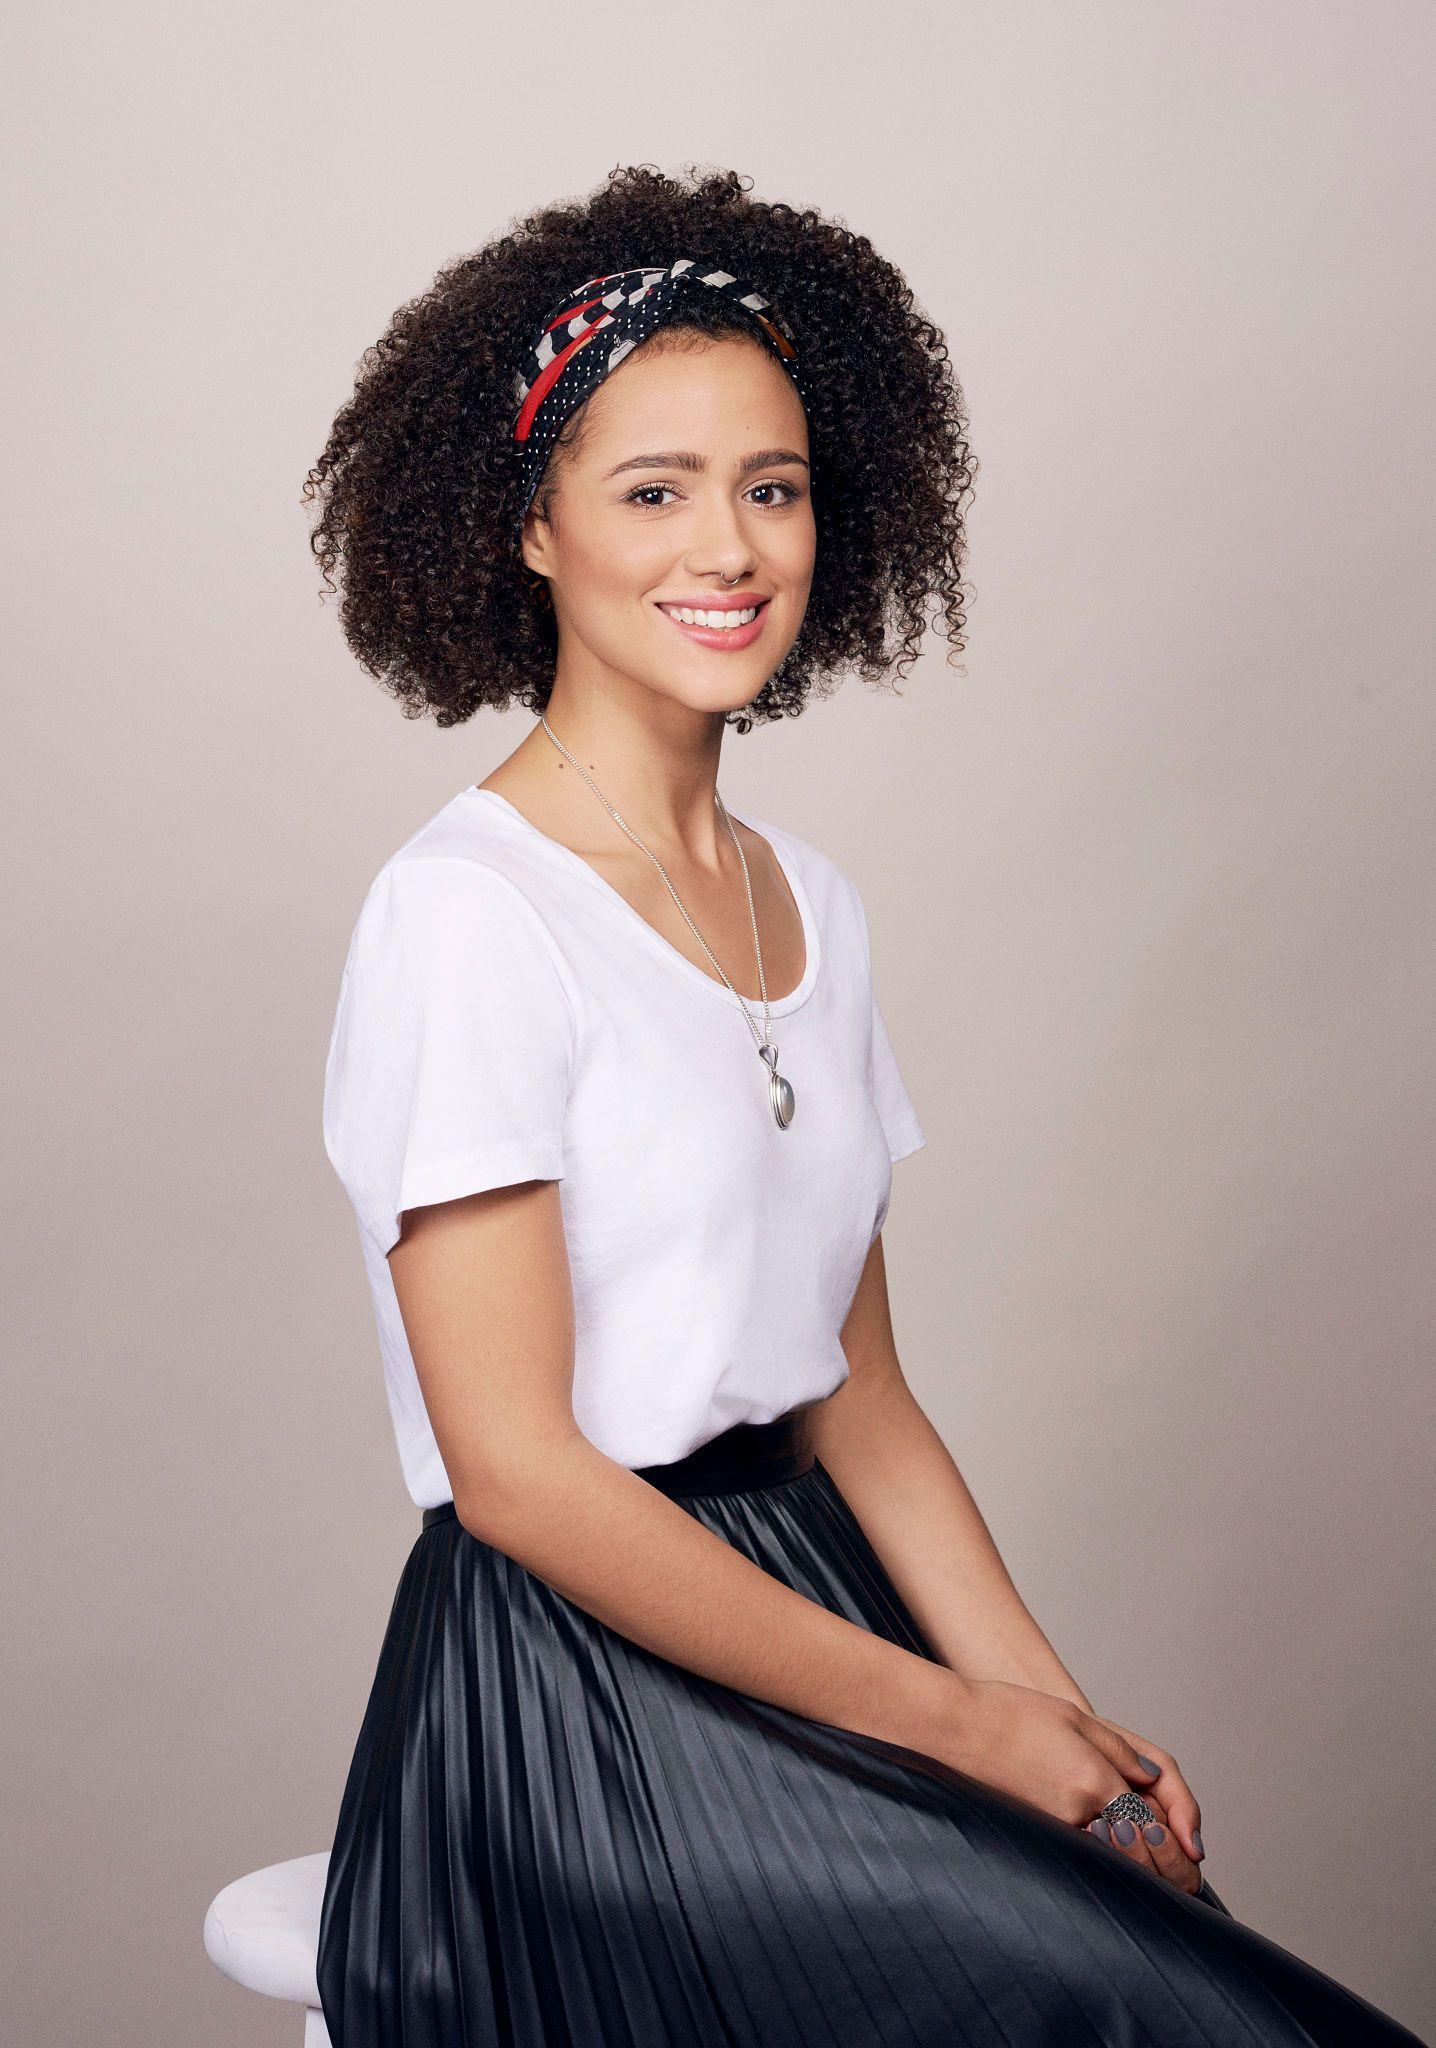 Nathalie Emmanuel Her Skin Care Secrets At Http